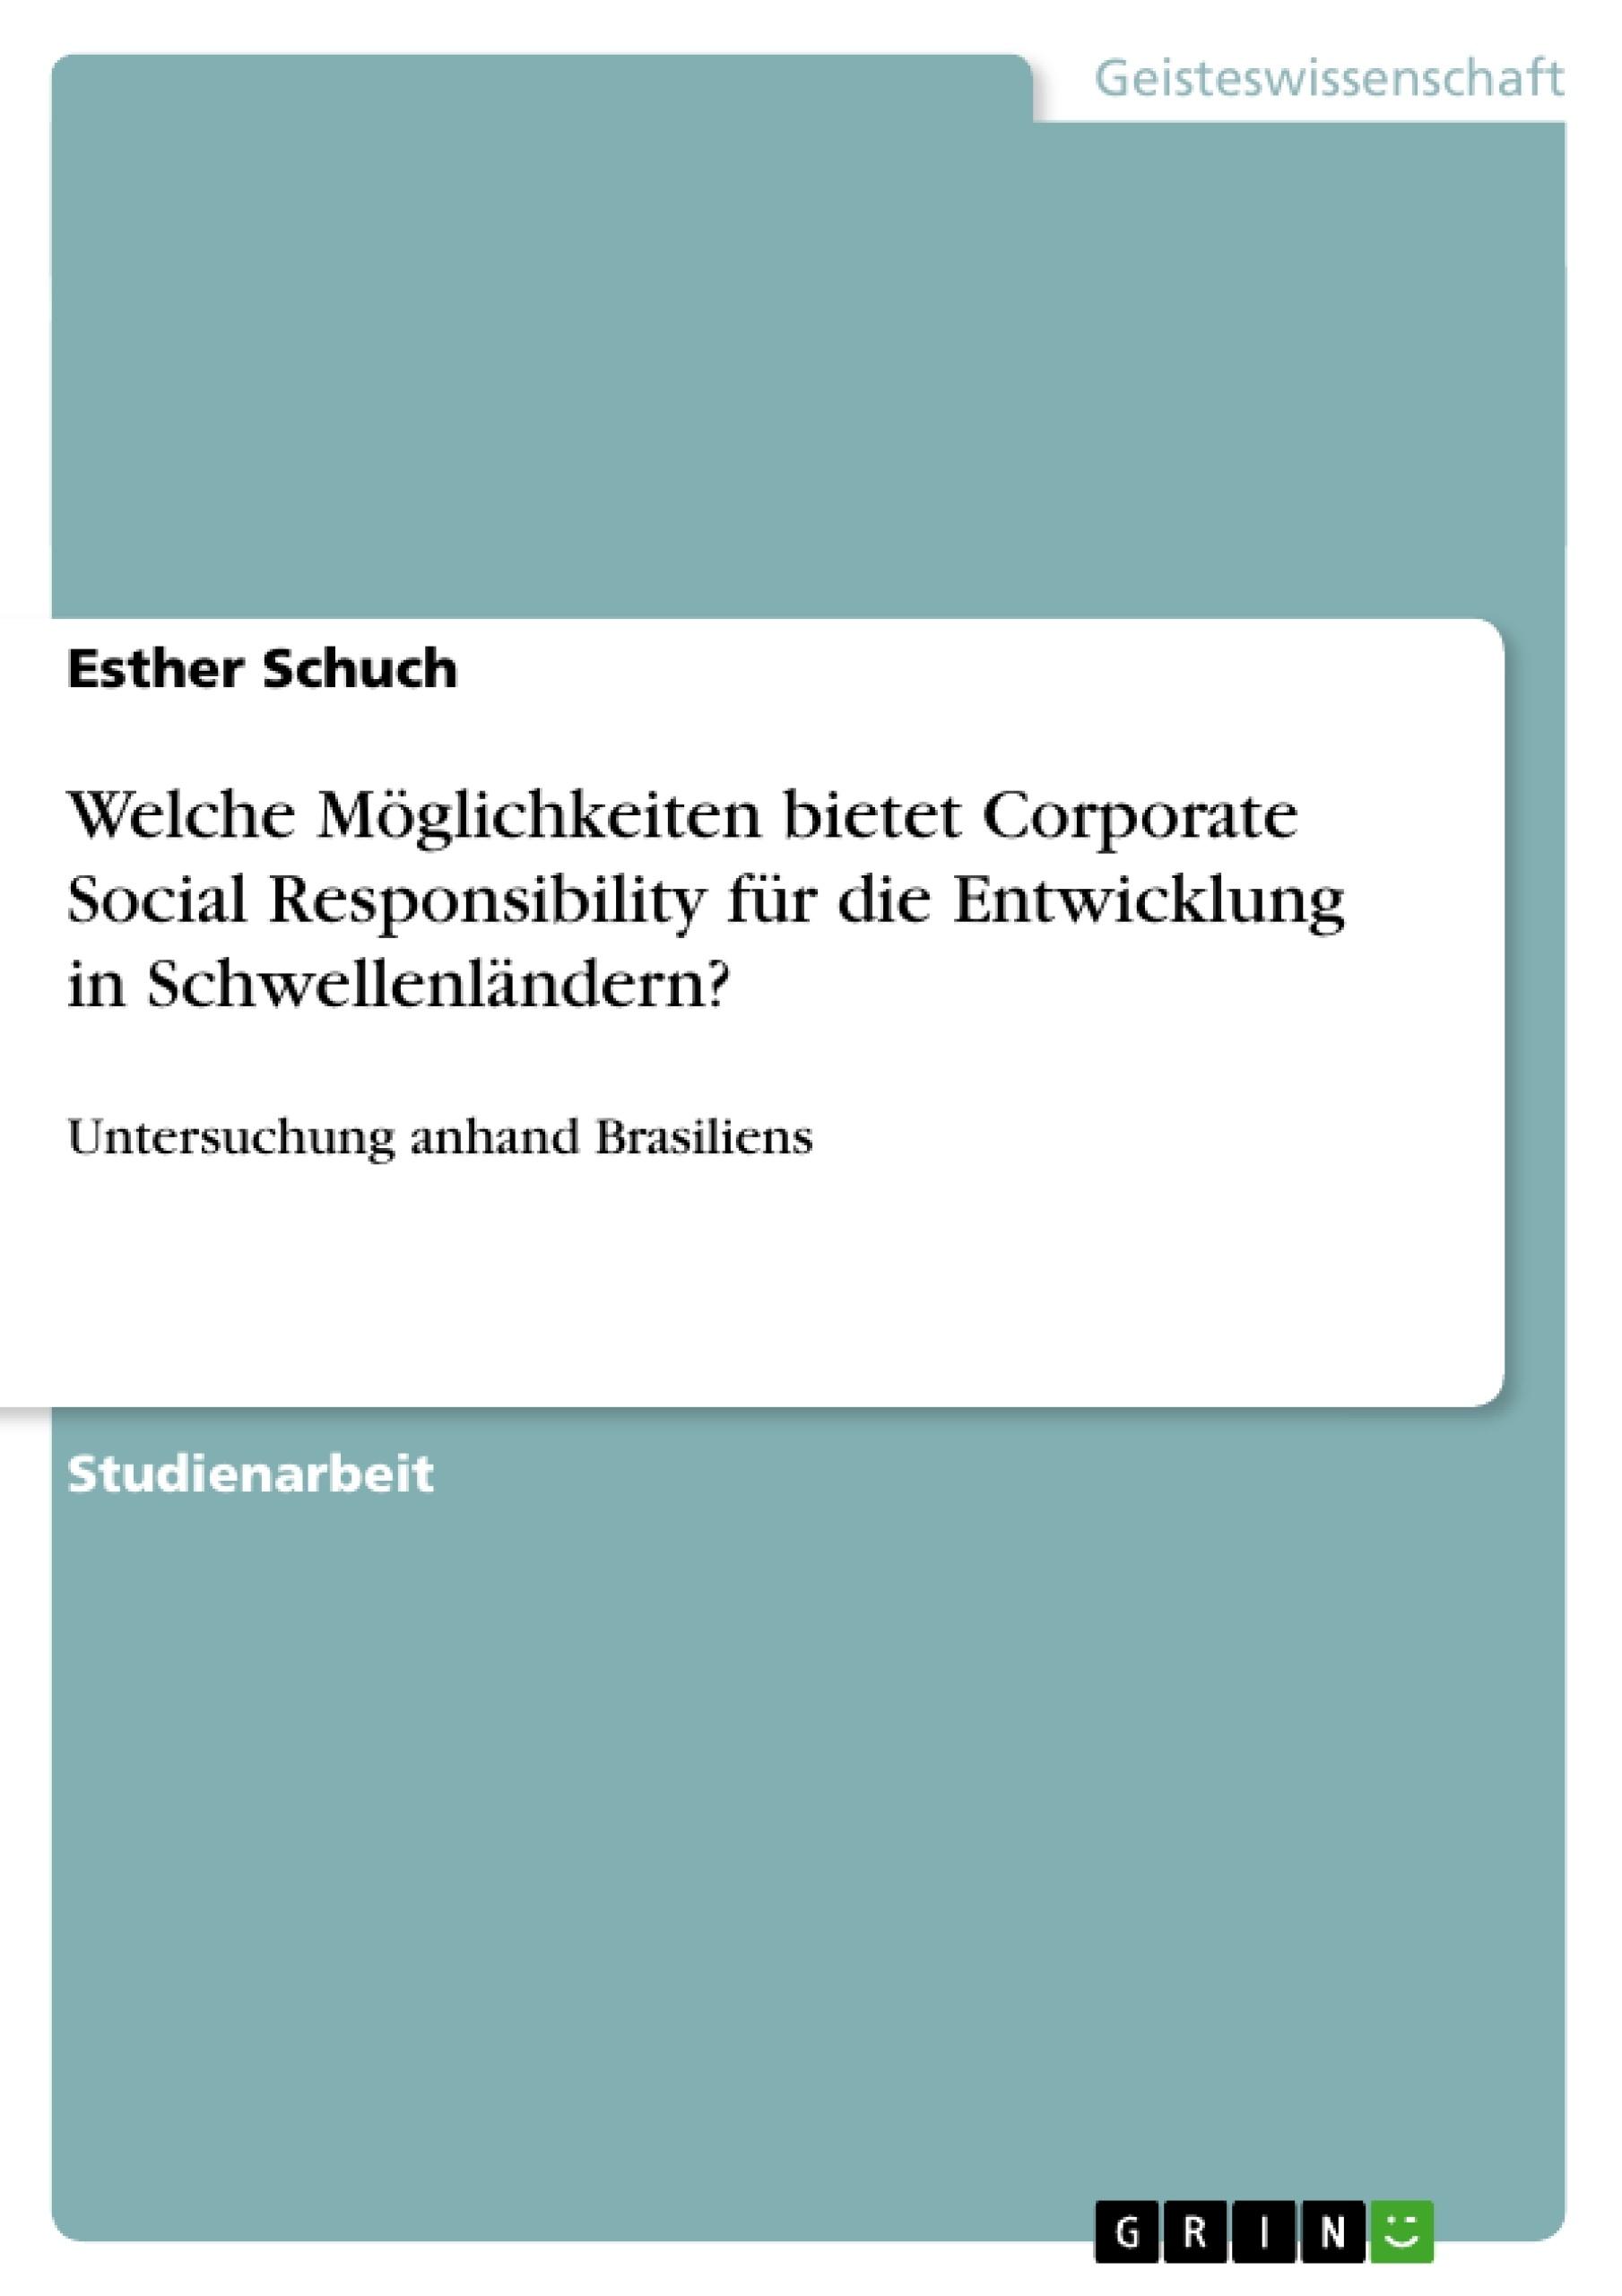 Titel: Welche Möglichkeiten bietet Corporate Social Responsibility für die Entwicklung in Schwellenländern?